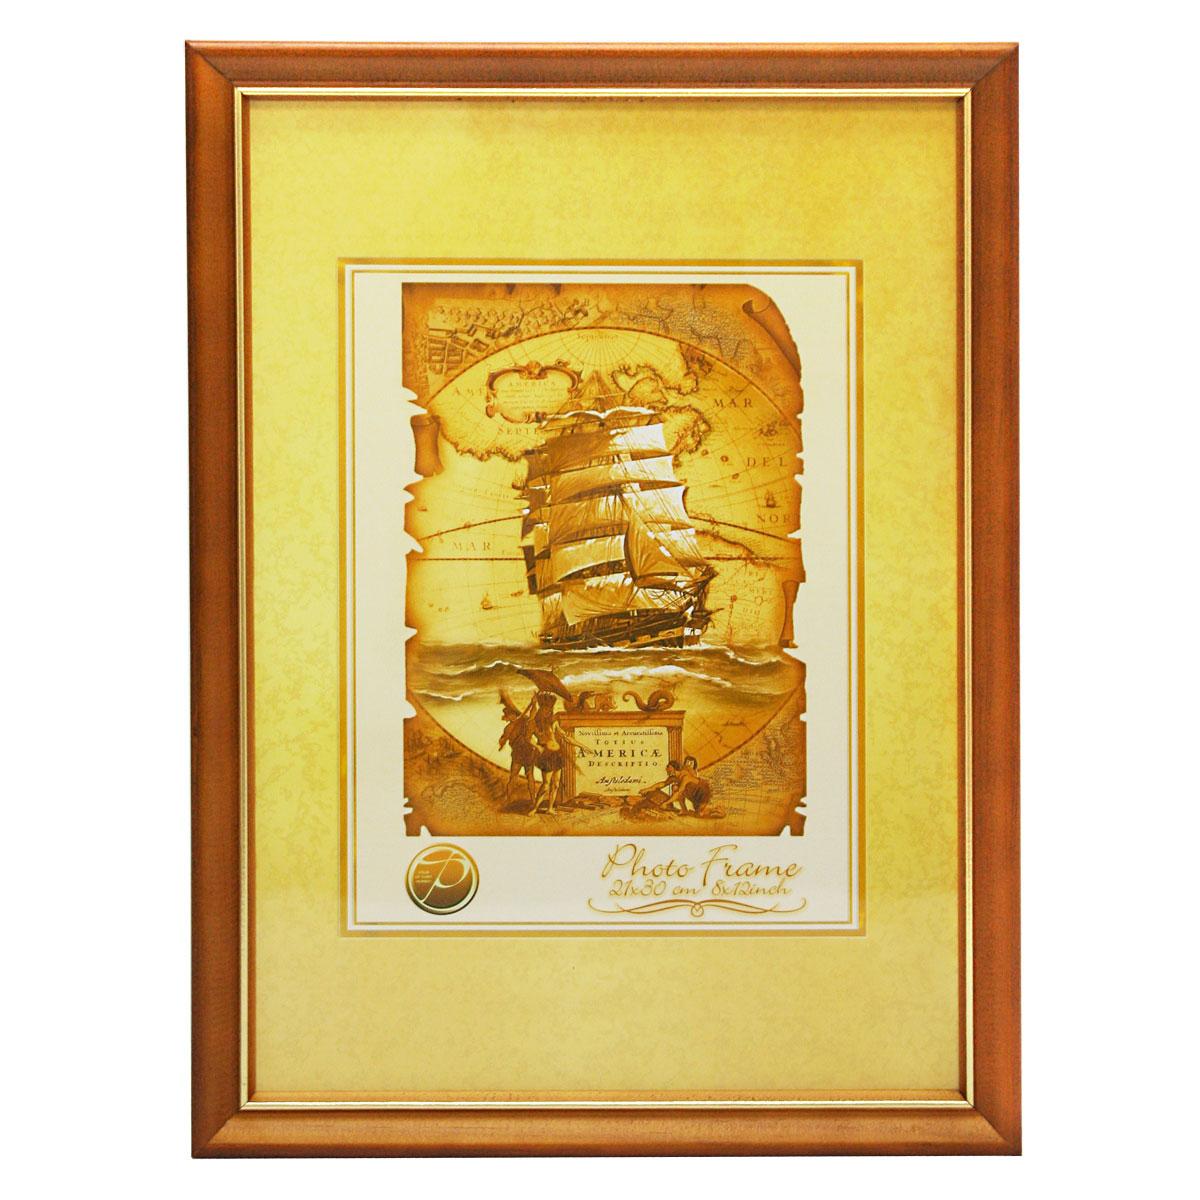 Фоторамка Pioneer Nancy, цвет: светло-коричневый, золотистый, 21 см х 30 см6300155_св. коричневыйФоторамка Pioneer Nancy выполнена из высококачественного дерева и стекла,защищающего фотографию. Оборотная сторона рамки оснащена специальной ножкой,благодаря которой ее можно поставить на стол или любое другое место в доме или офисе. Такжена изделии имеются два специальных отверстия для подвешивания. Такая фоторамка поможетвам оригинально и стильно дополнить интерьер помещения, а также позволит сохранить памятьо дорогих вам людях и интересных событиях вашей жизни. Размер фотографии: 21 см х 30 см.